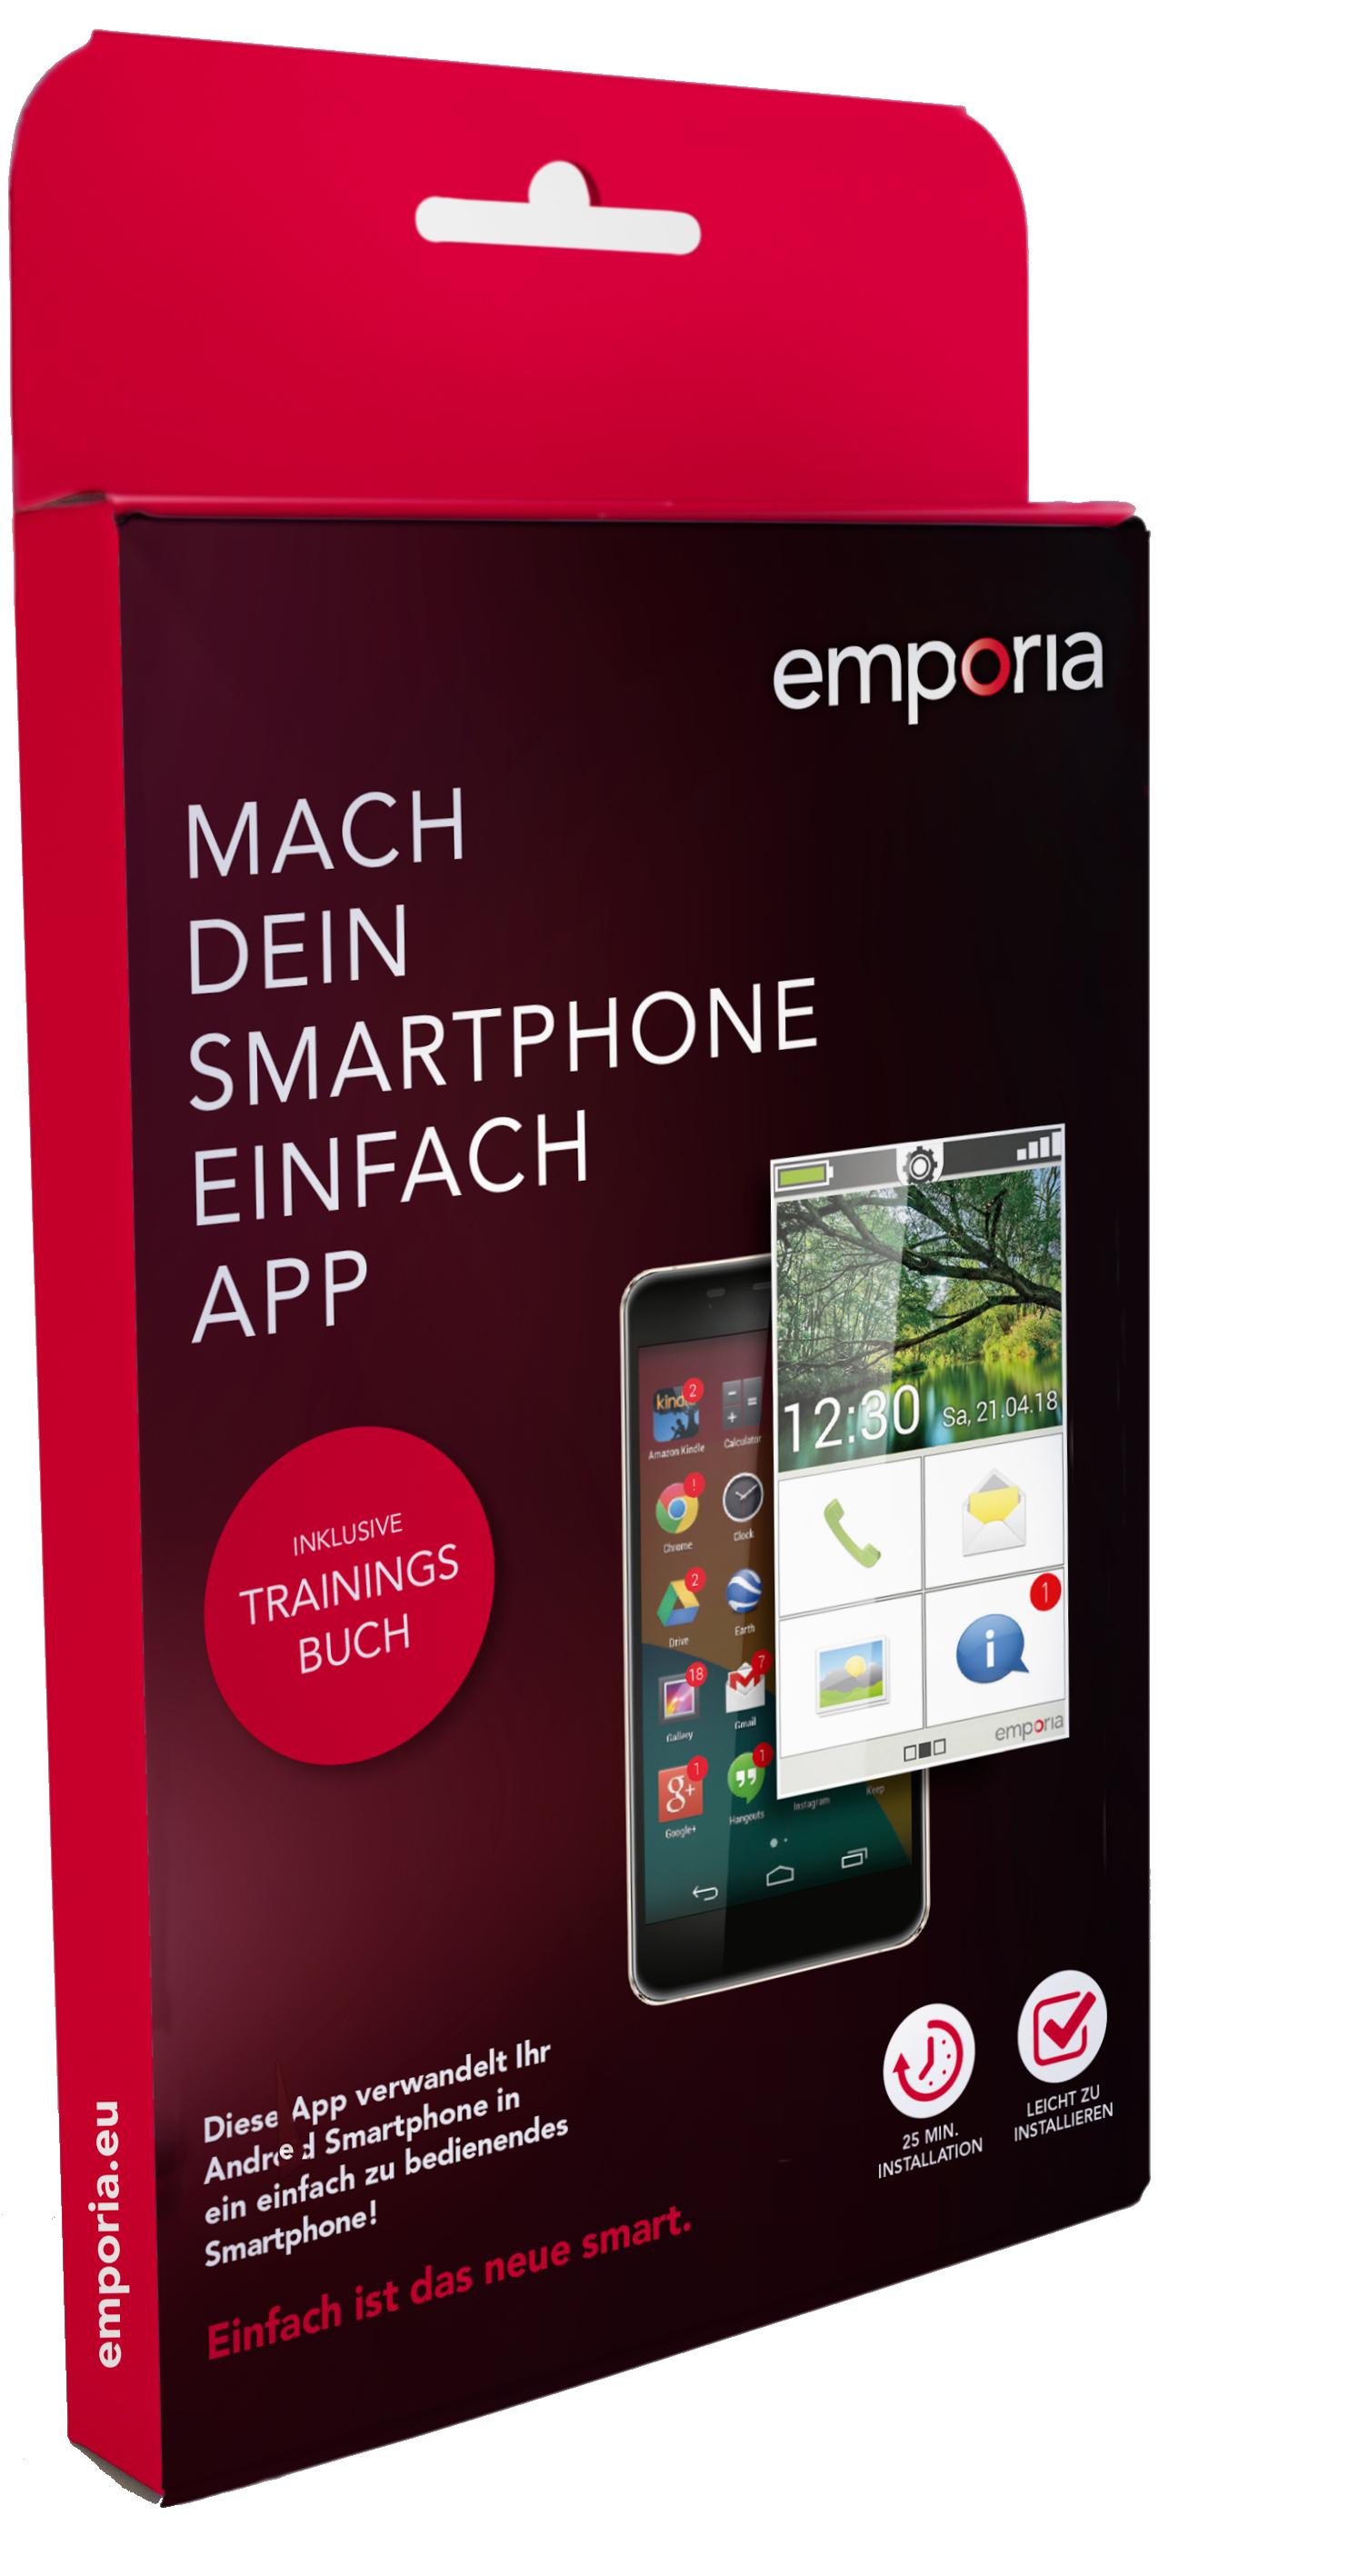 Emporia Smartphone App